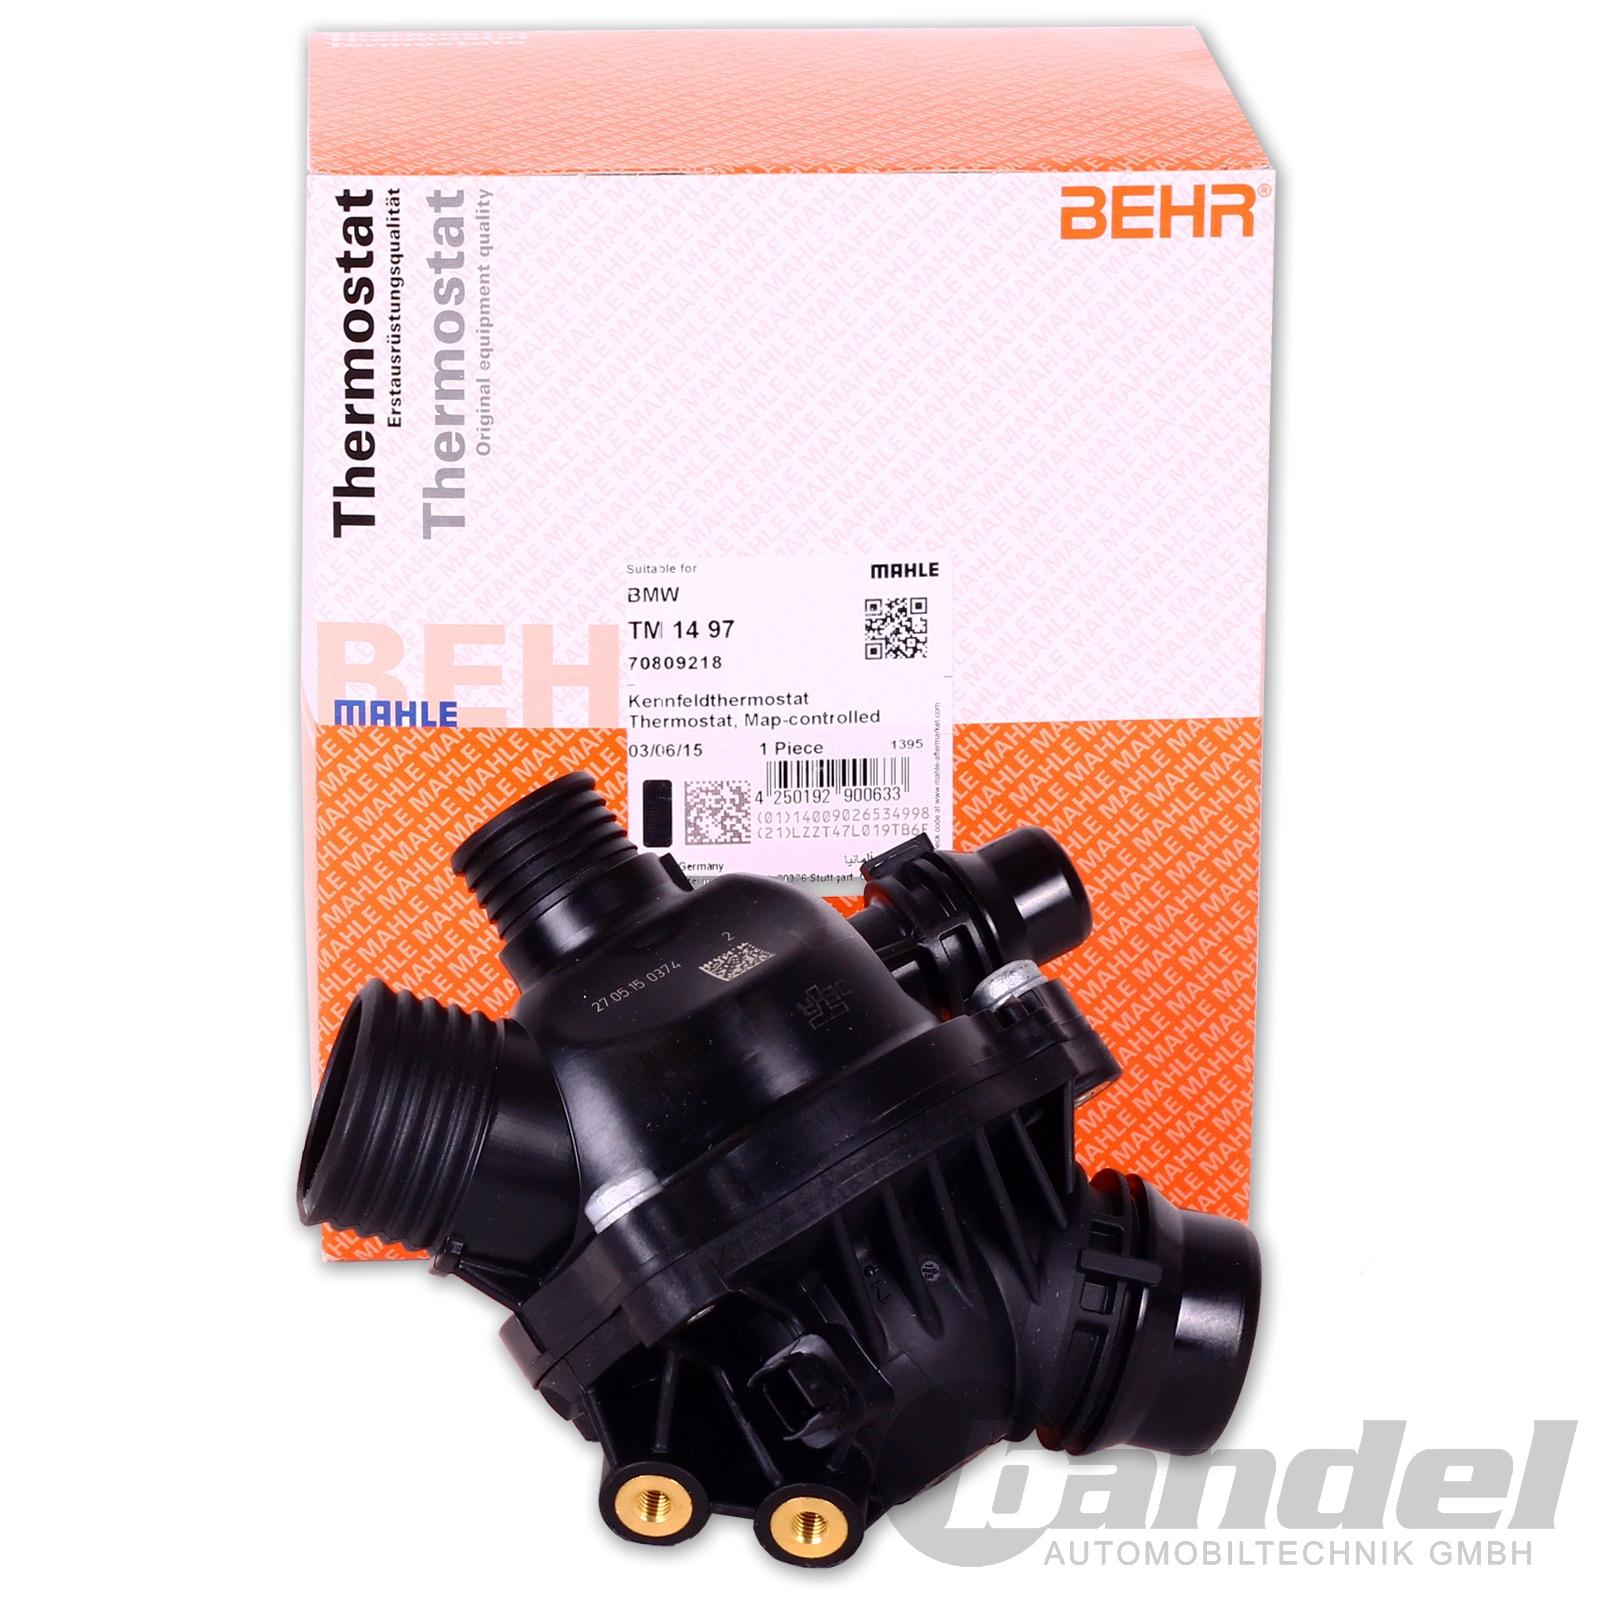 Thermostat MOUDS Behr BMW 1er 3er 5er 6er 7er e81 e82 e87 e88 e60 e61 e90